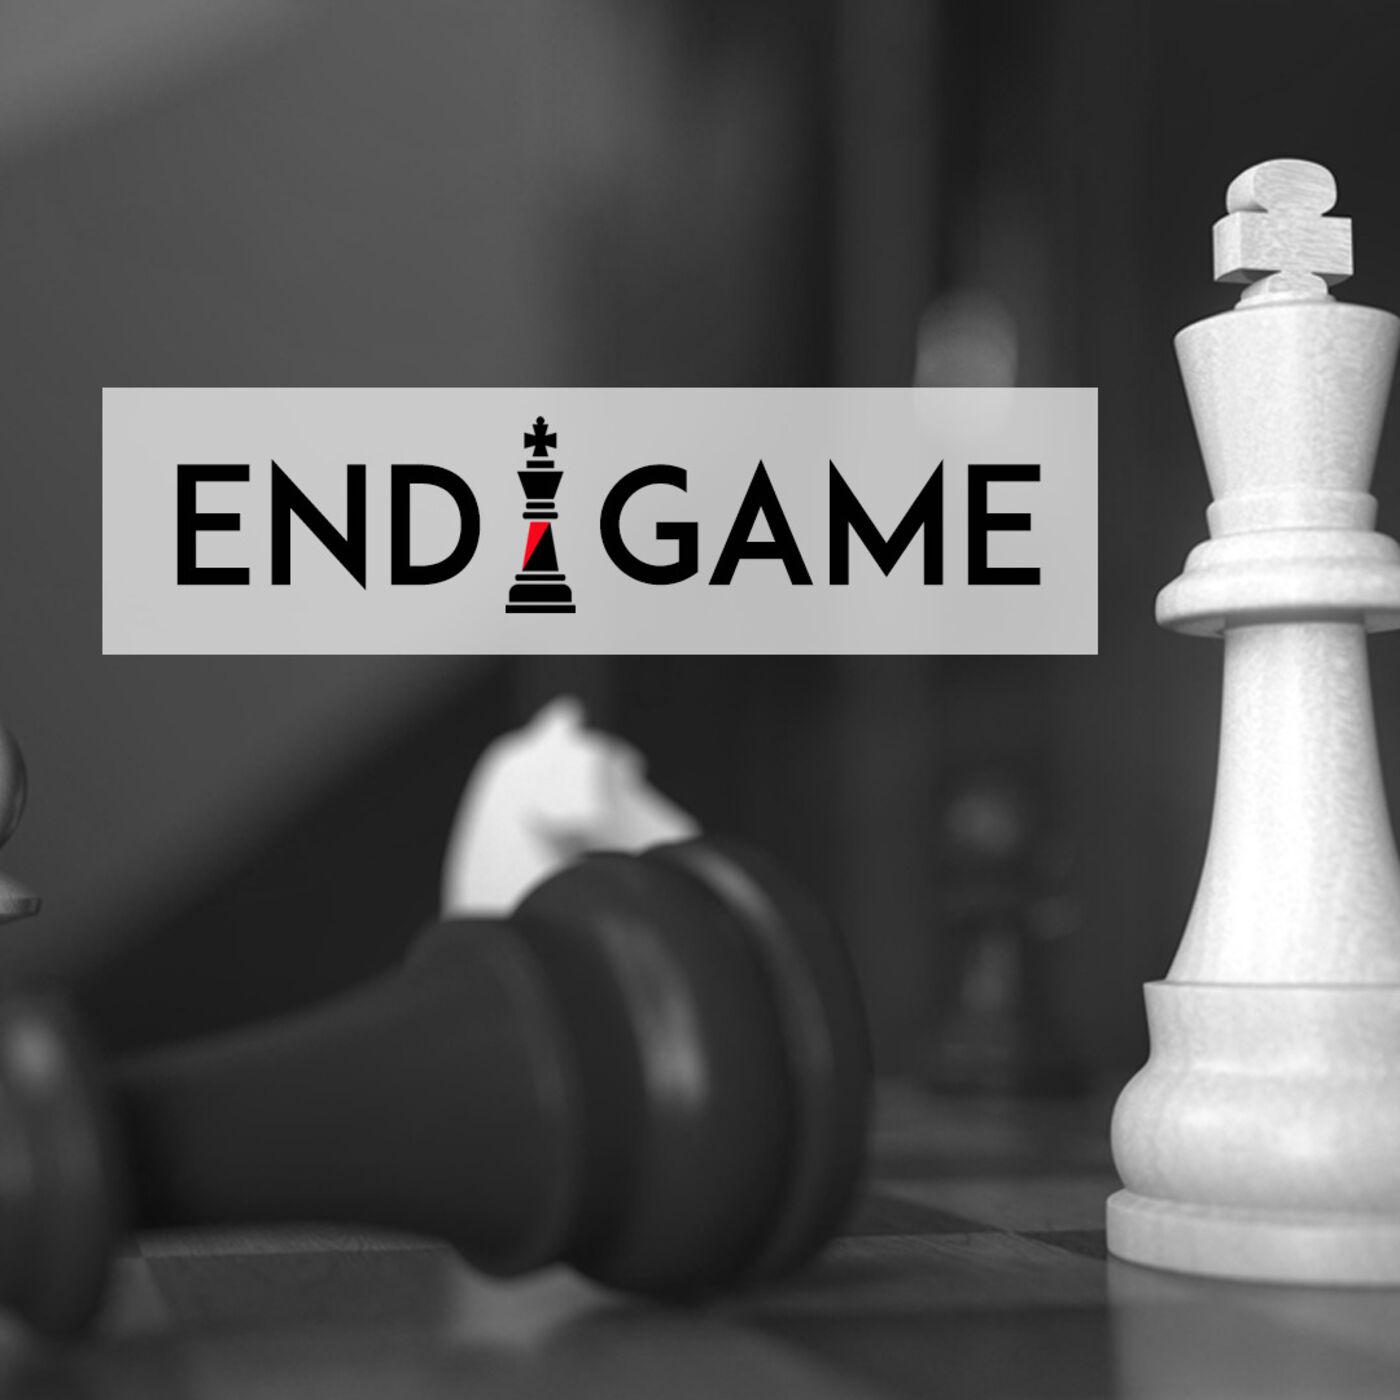 Endgame - Week 4